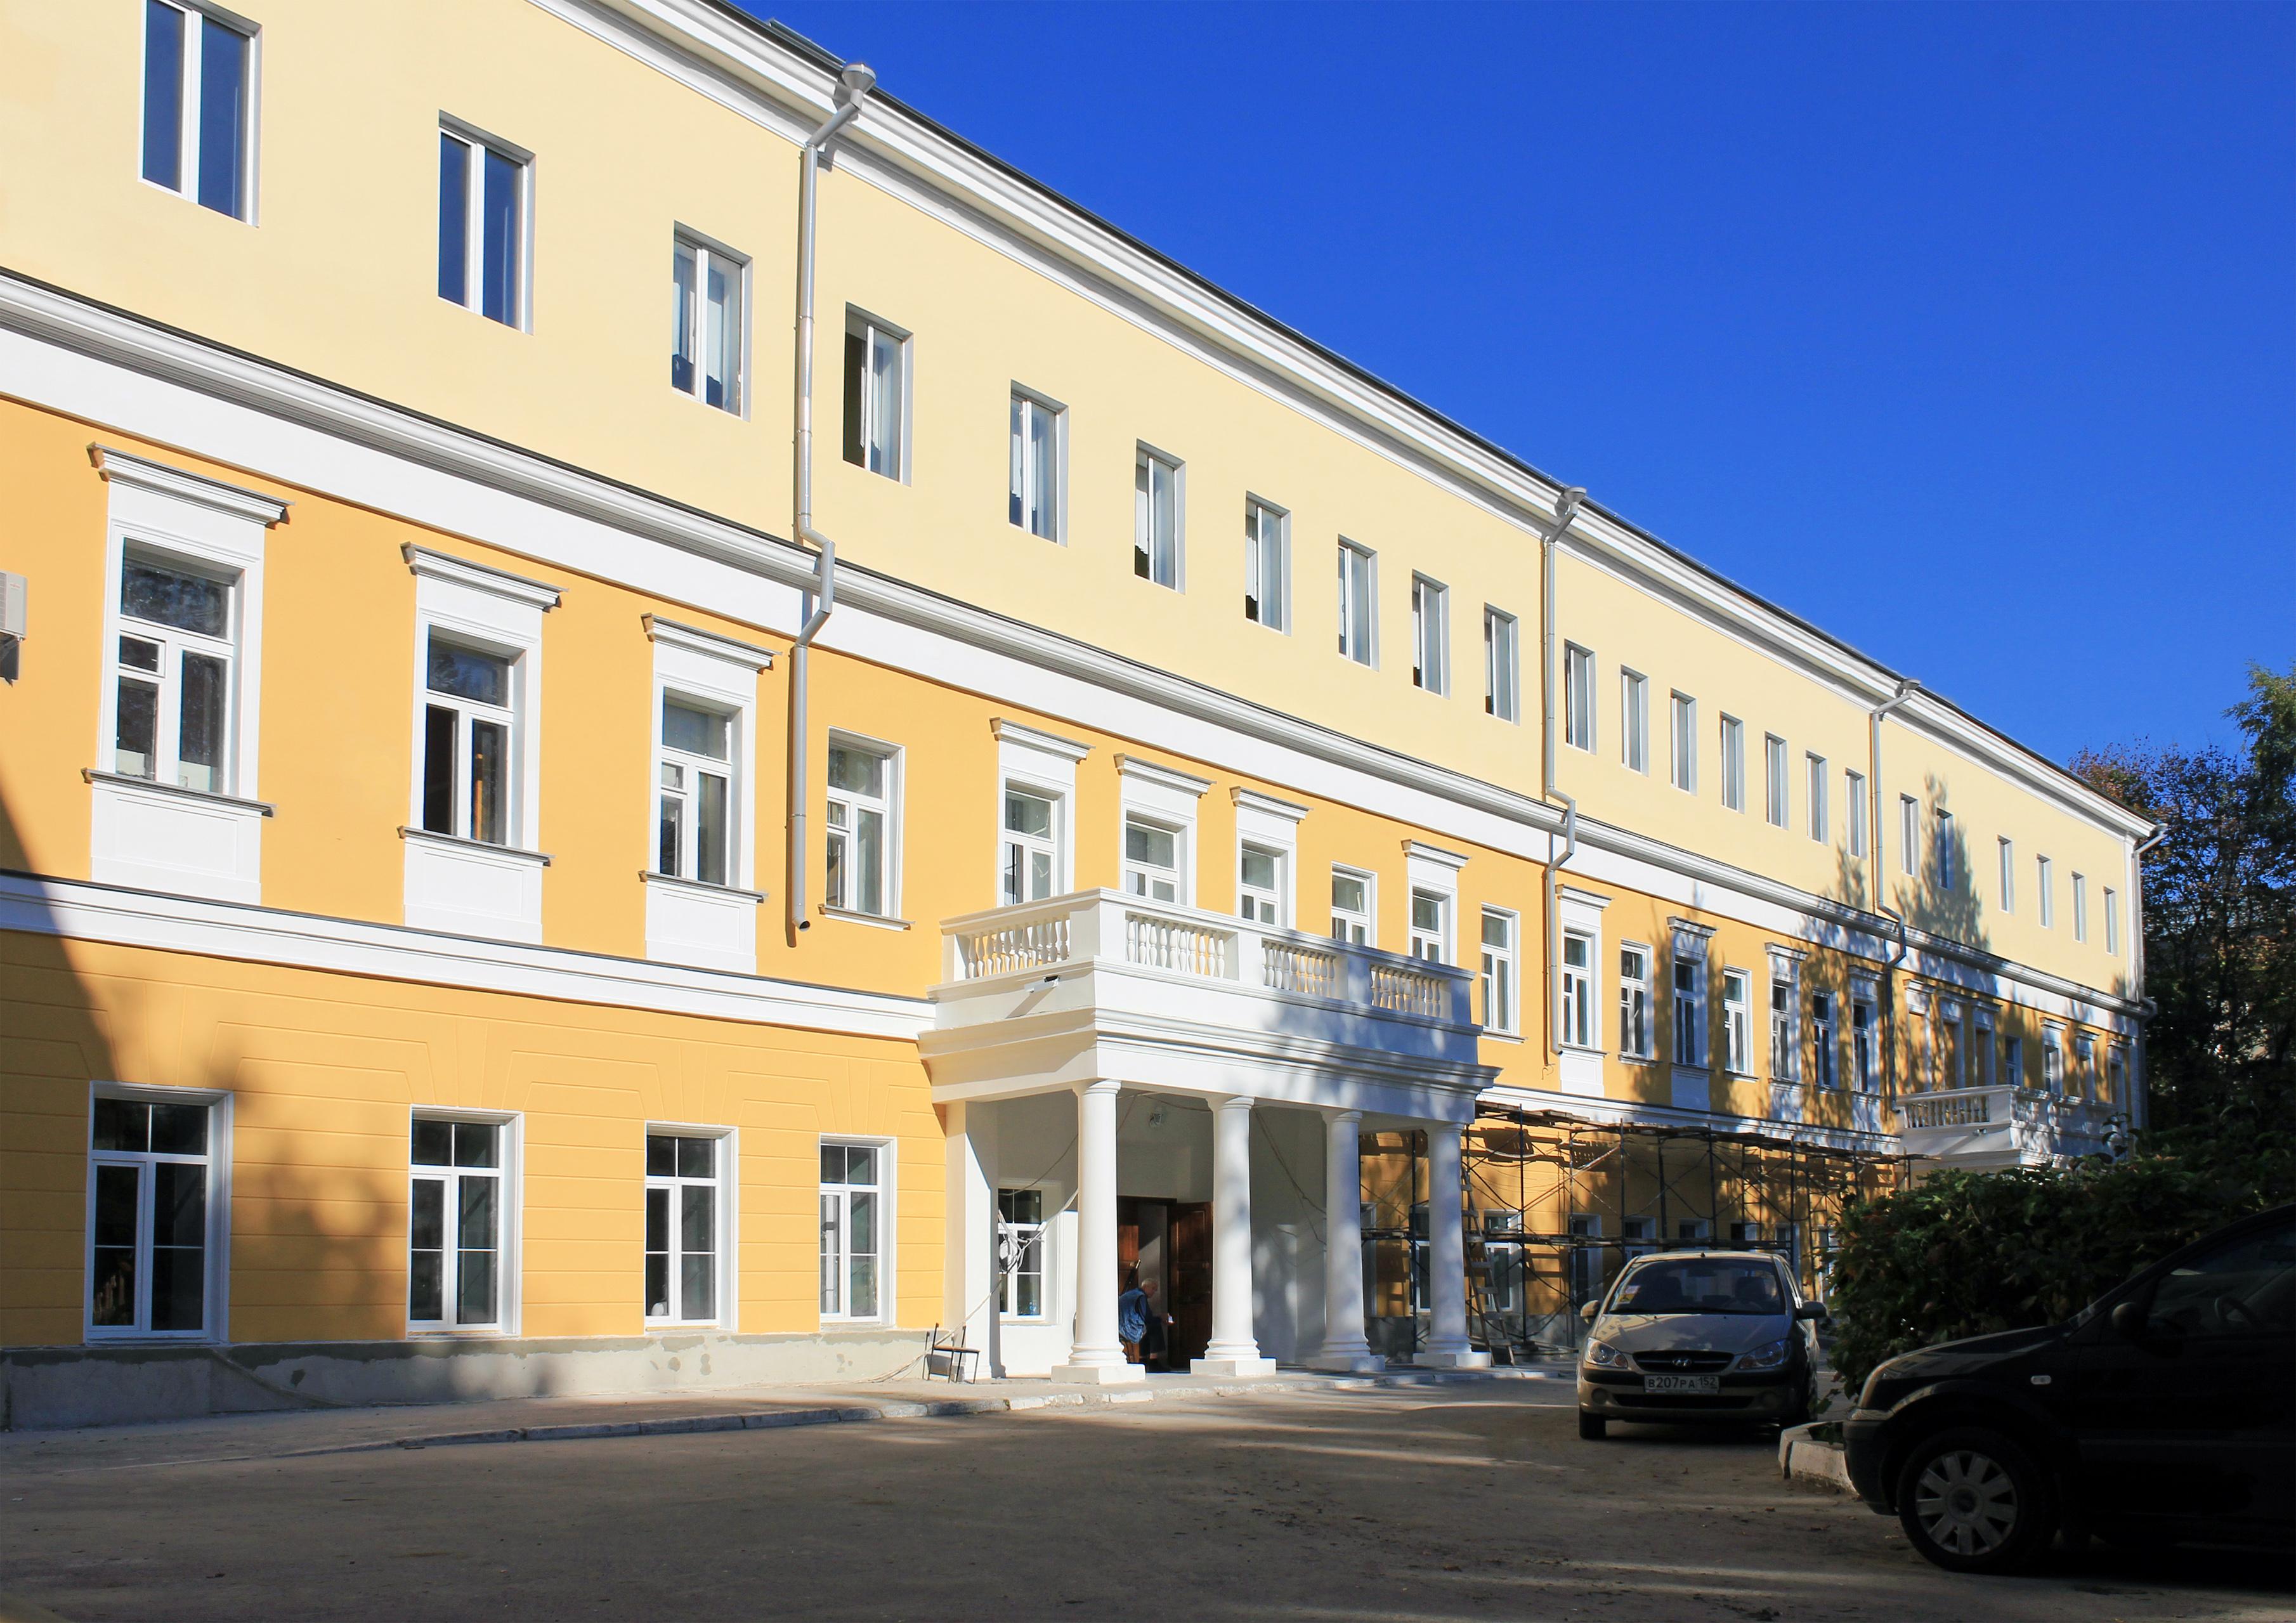 Файл:Nizhny Novgorod. Piskunov St., 40.jpg — Путеводитель ...: https://ru.wikivoyage.org/wiki/%D0%A4%D0%B0%D0%B9%D0%BB:Nizhny_Novgorod._Piskunov_St.,_40.jpg